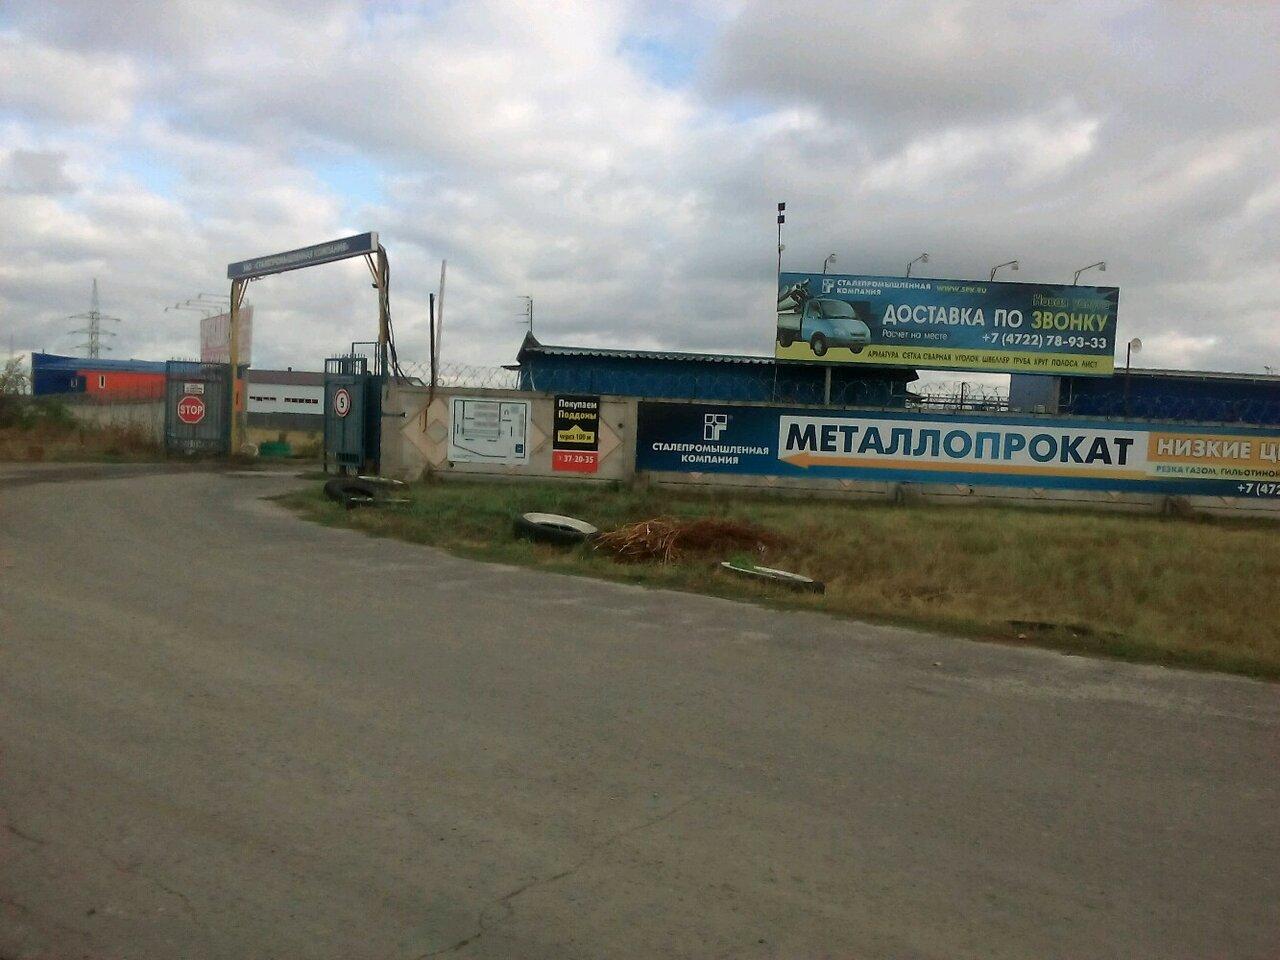 Сталепромышленная компания белгород официальный сайт создание сайта консалтинговой